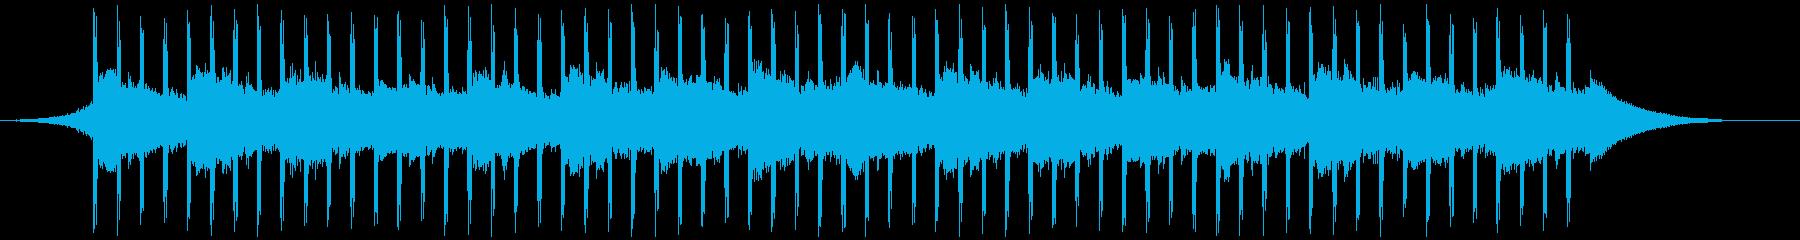 説明者(ショート)の再生済みの波形